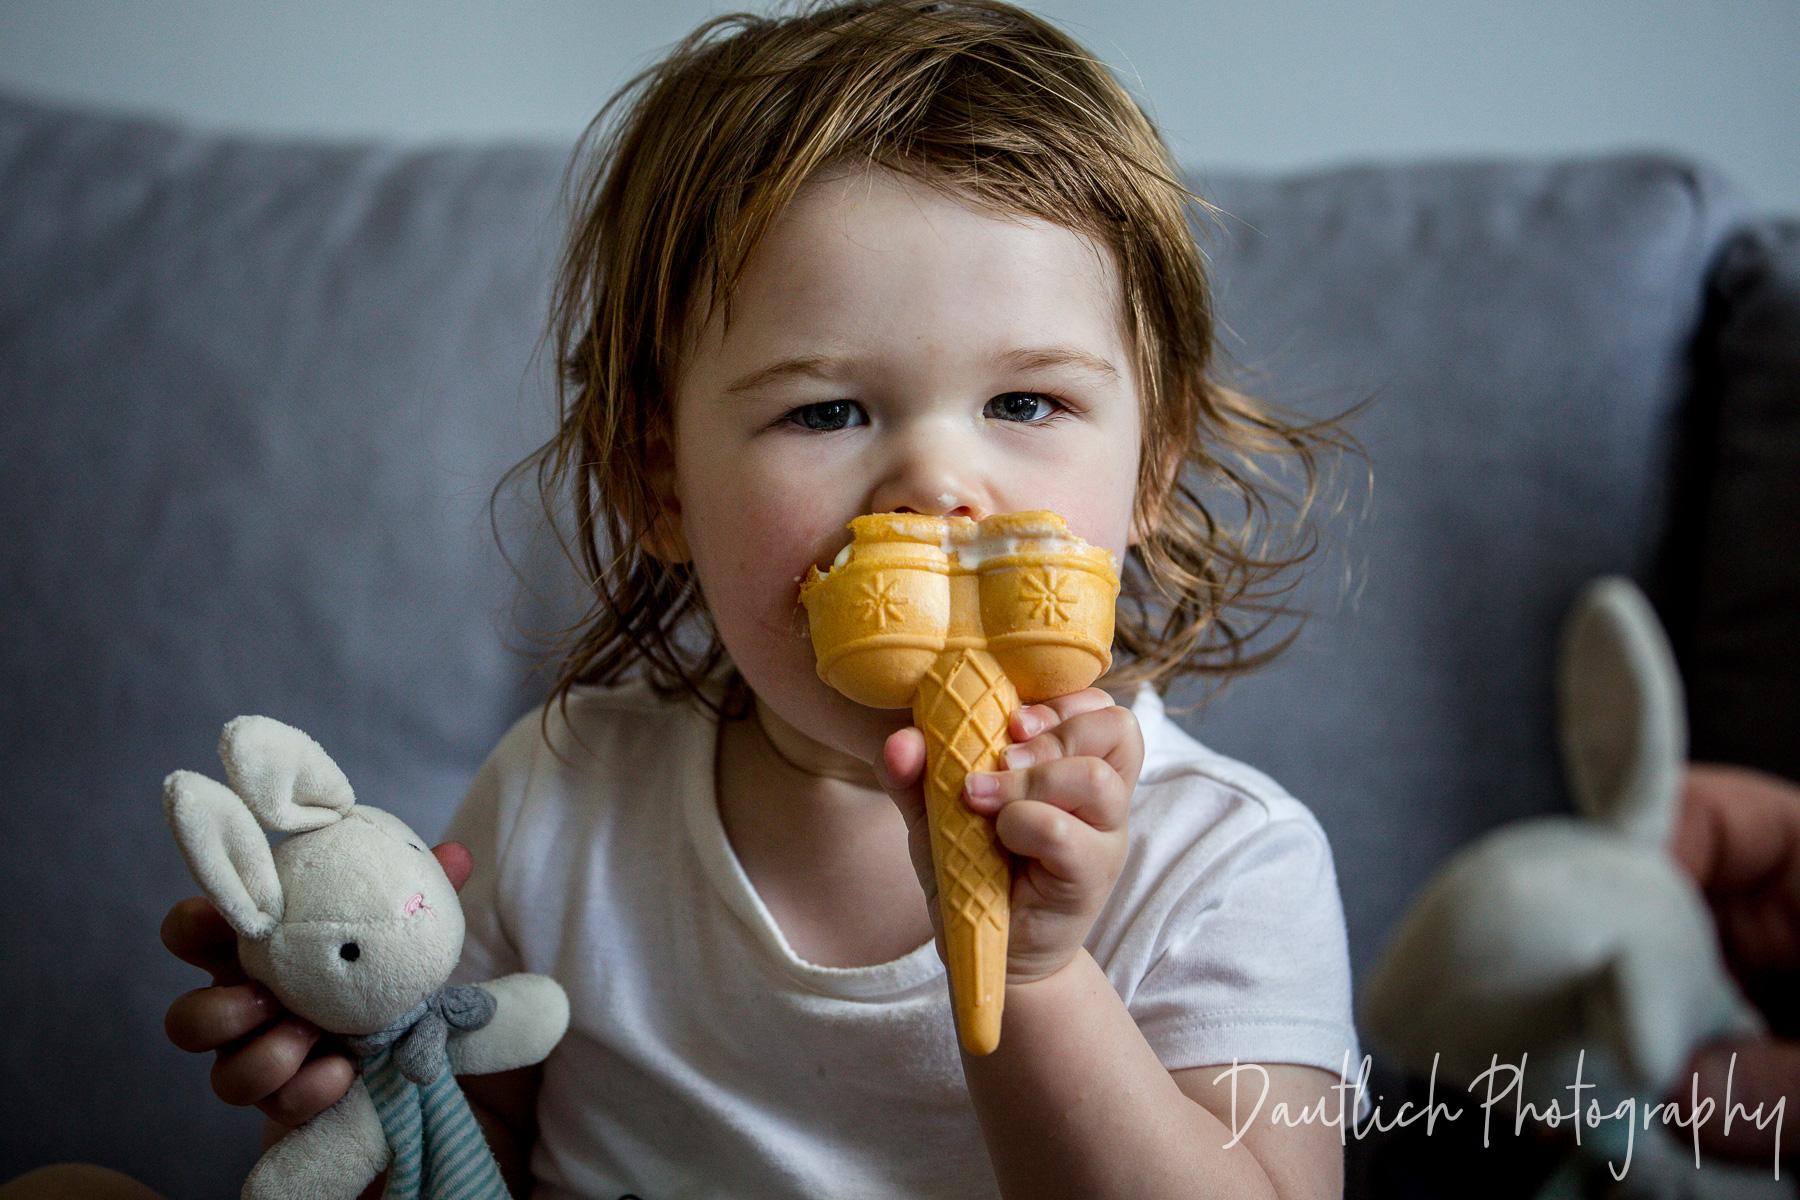 06.10.18_Dautlich_Photo_FIRST_ICE_CREAM-4.jpg